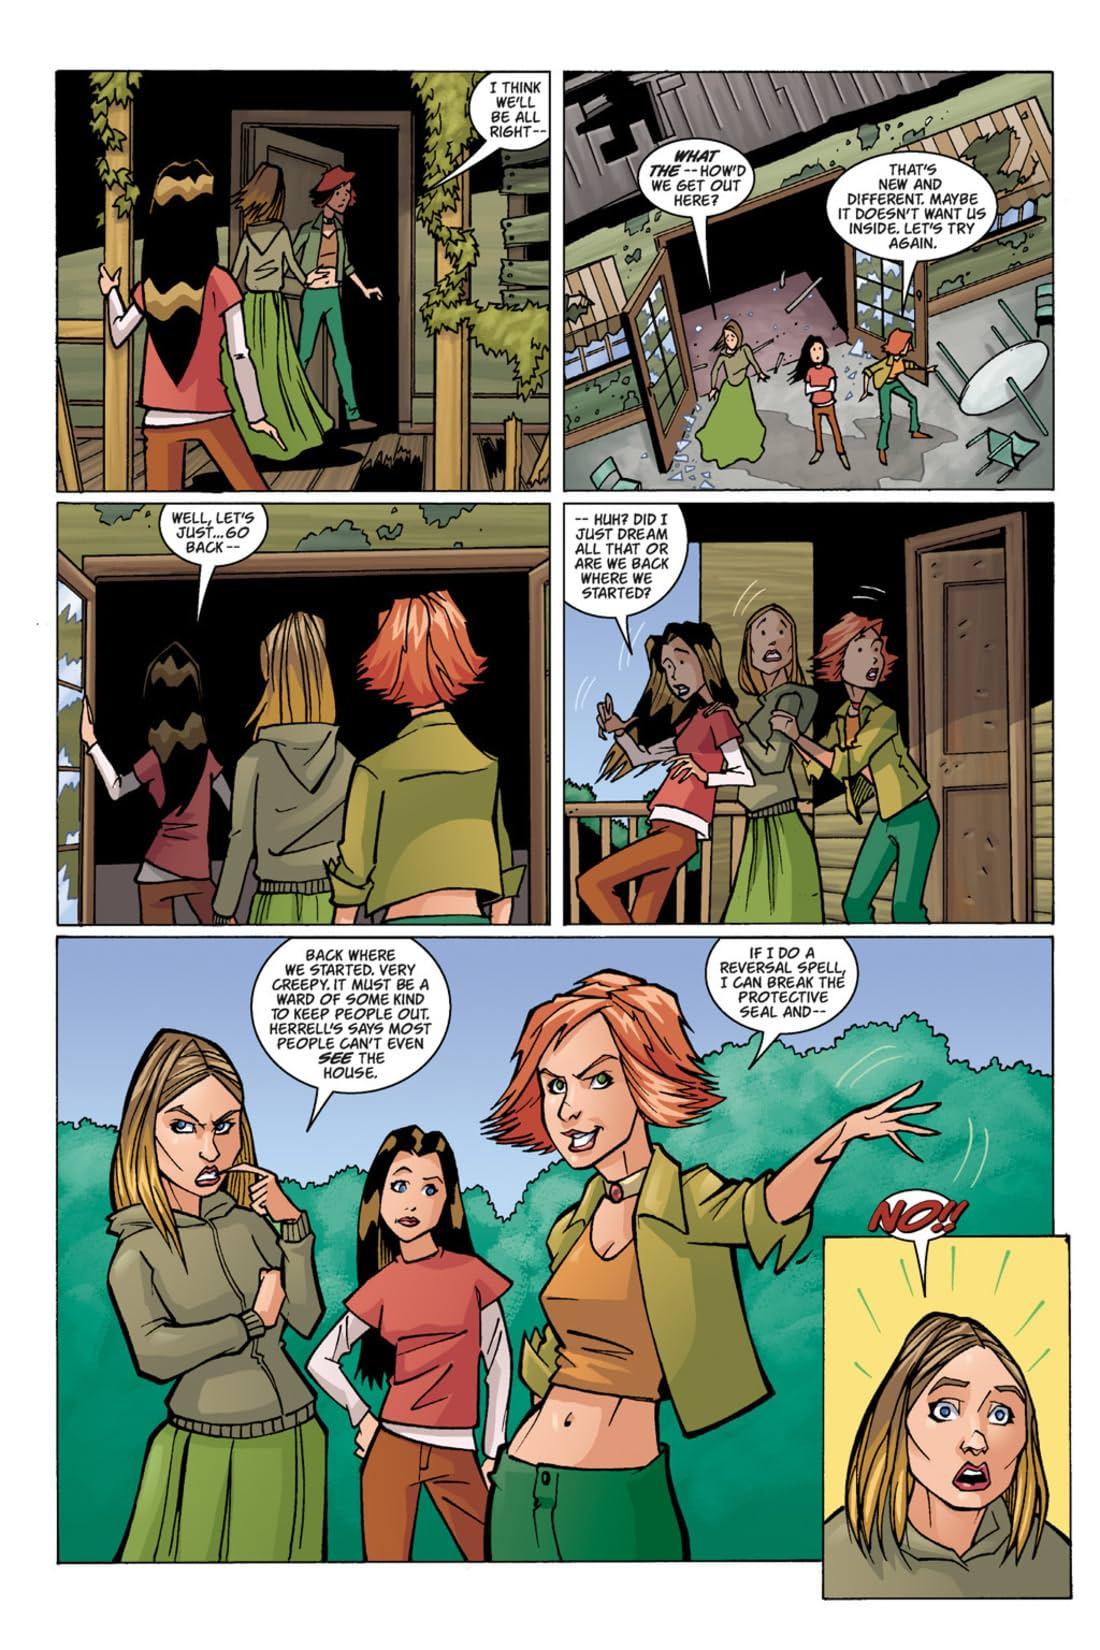 Buffy the Vampire Slayer Classic #45: Willow & Tara: Wilderness